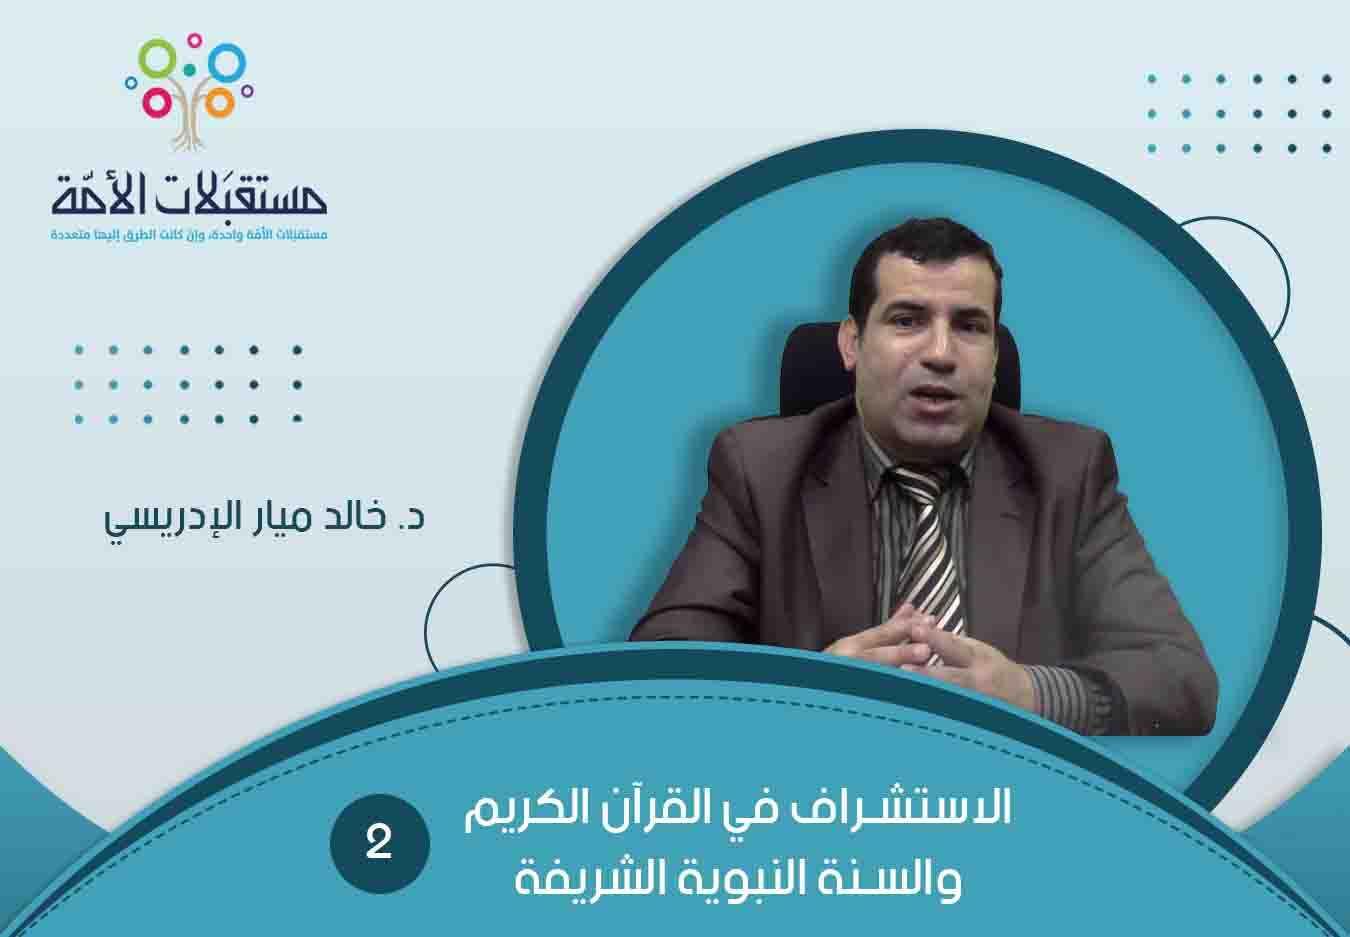 الاستشراف في القرآن الكريم والسنة النبوية الشريفة (2) | د. خالد ميار الإدريسي